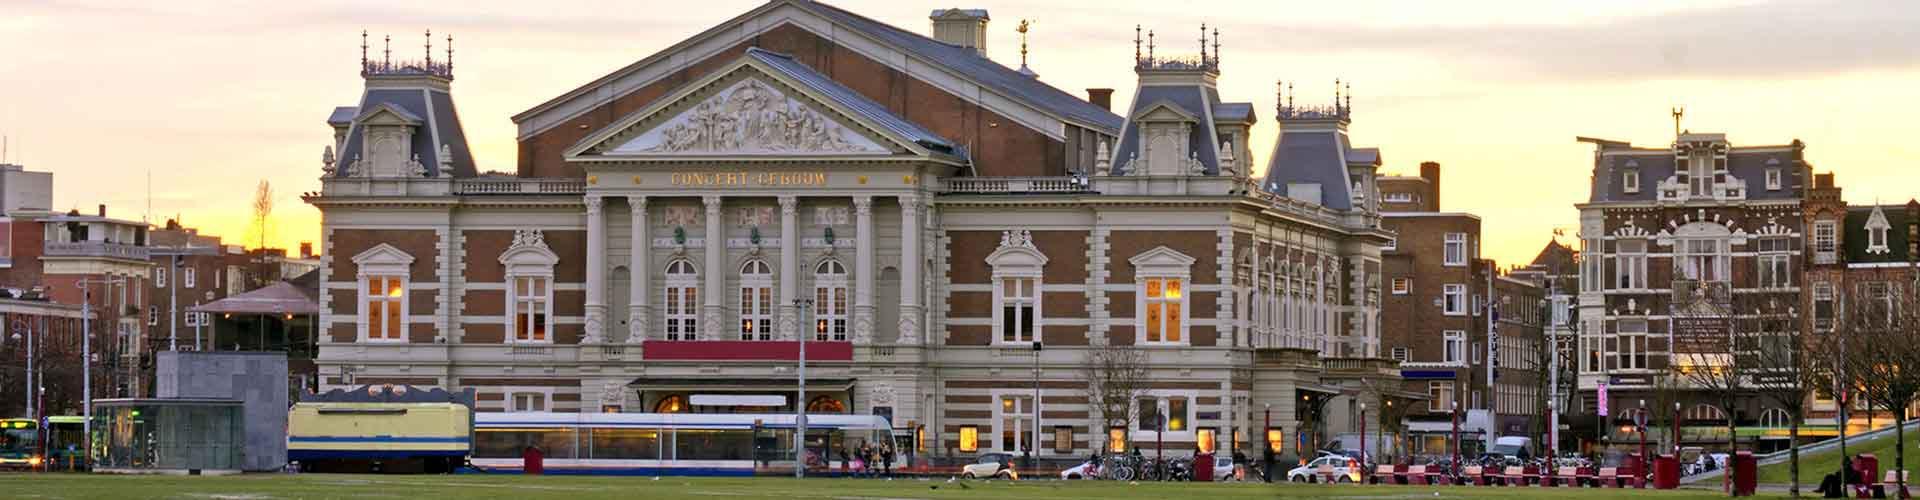 Amsterdam - Apartments nahe Concertgebouw. Amsterdam auf der Karte. Fotos und Bewertungen für jedes Apartment in Amsterdam.